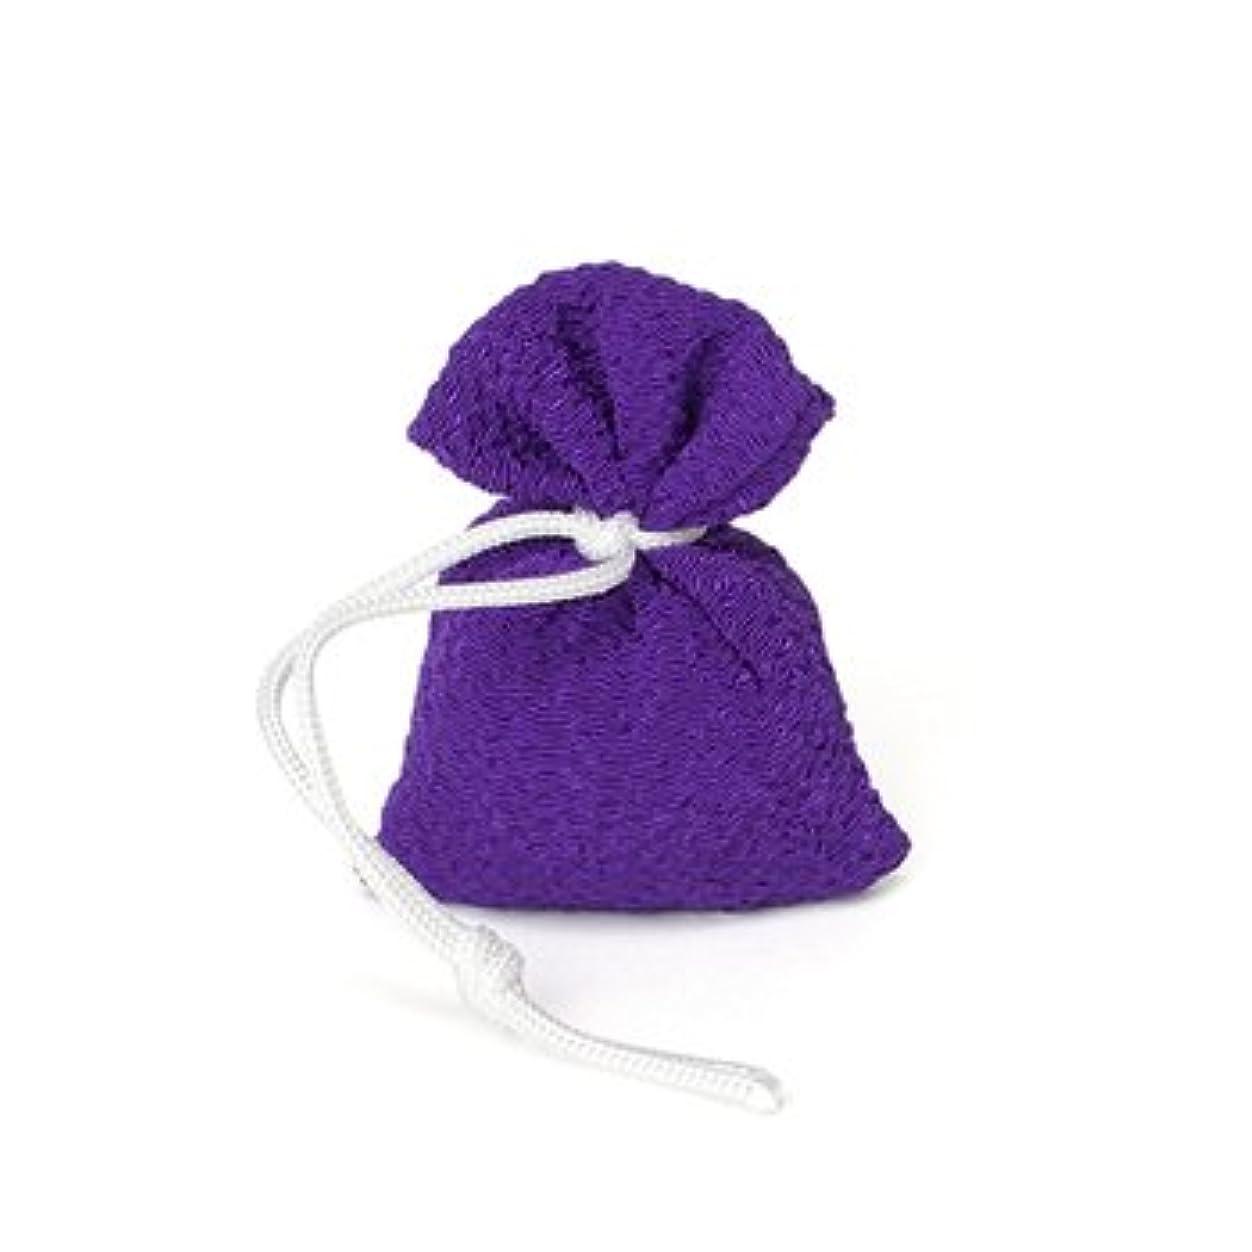 切手まだ会計士松栄堂 匂い袋 誰が袖 携帯用 1個入 ケースなし (色をお選びください) (紫)